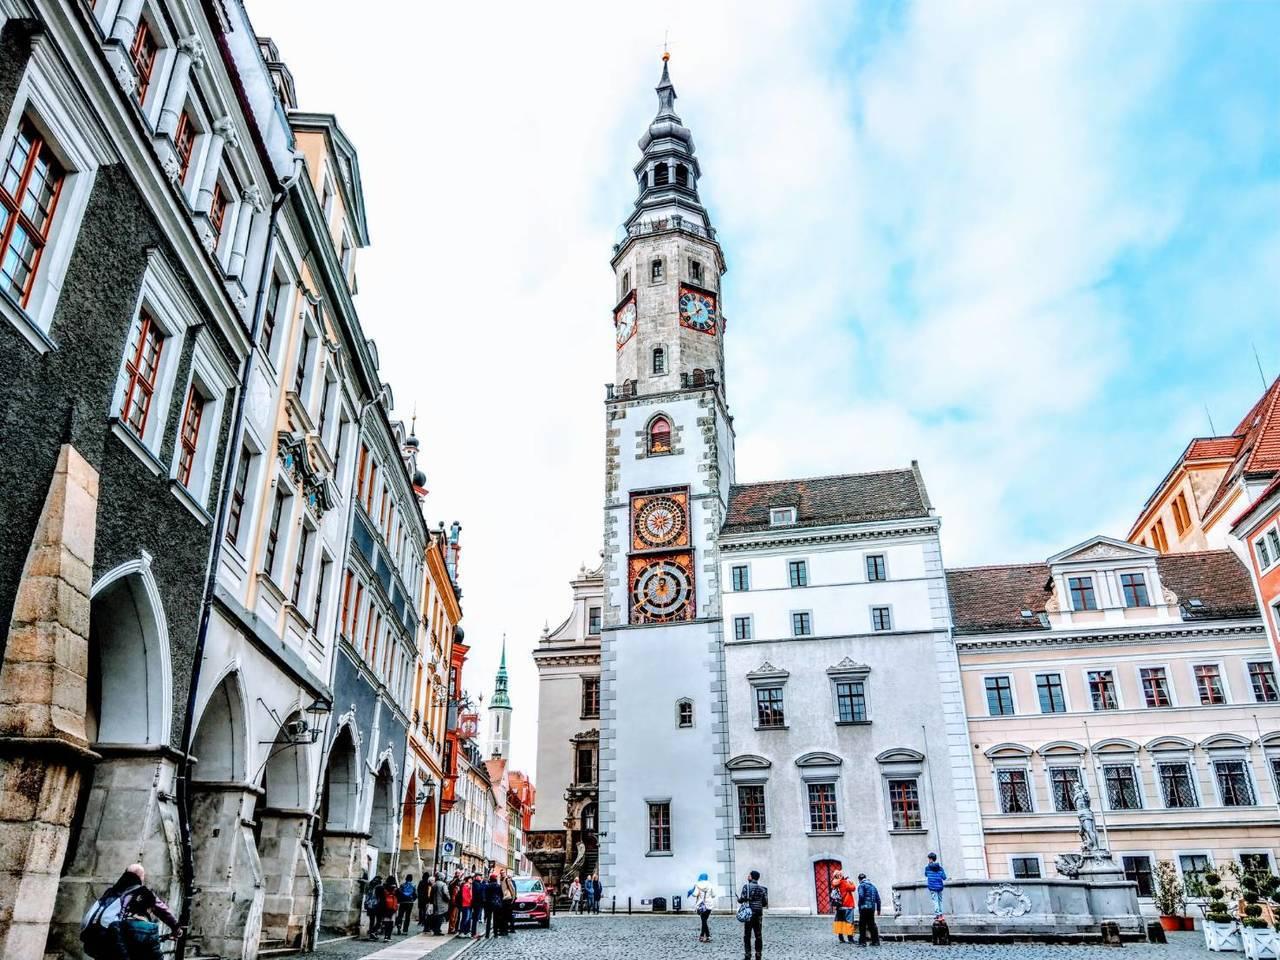 由好幾棟建築組成的哥利茲市政廳,最引人注目的鐘塔,正面有兩個鐘盤。記者張錦弘/攝...